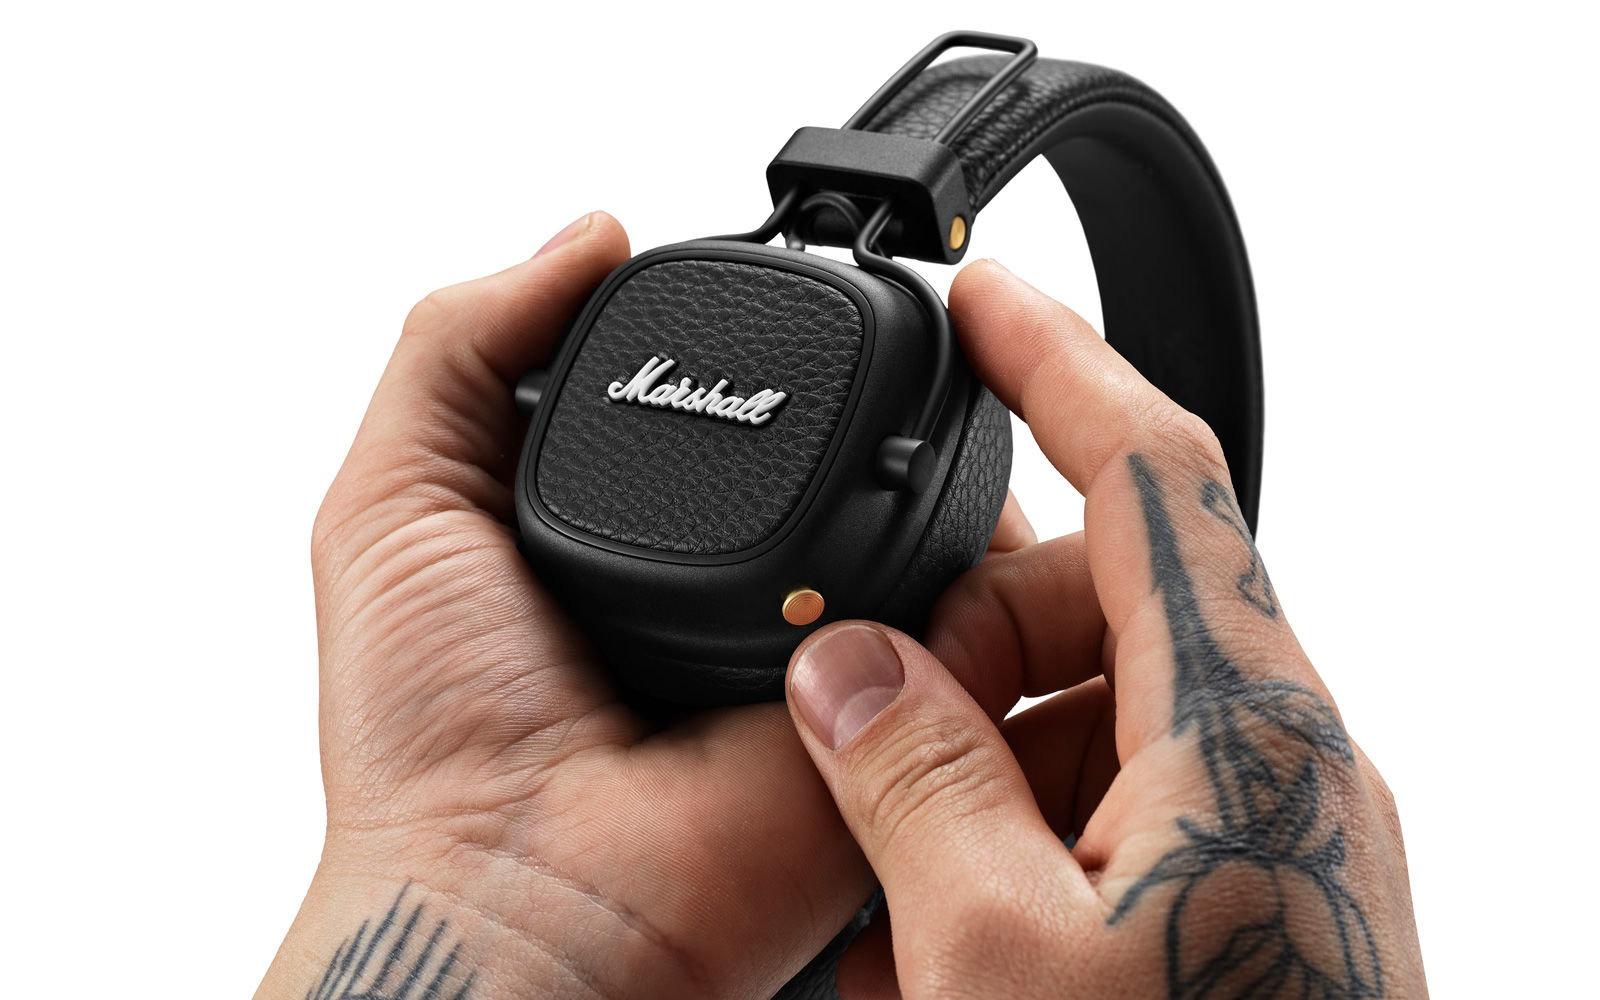 Marshall cập nhật cho Major III, hỗ trợ Google Assistant, 60 giờ nghe nhạc cho mỗi lần sạc